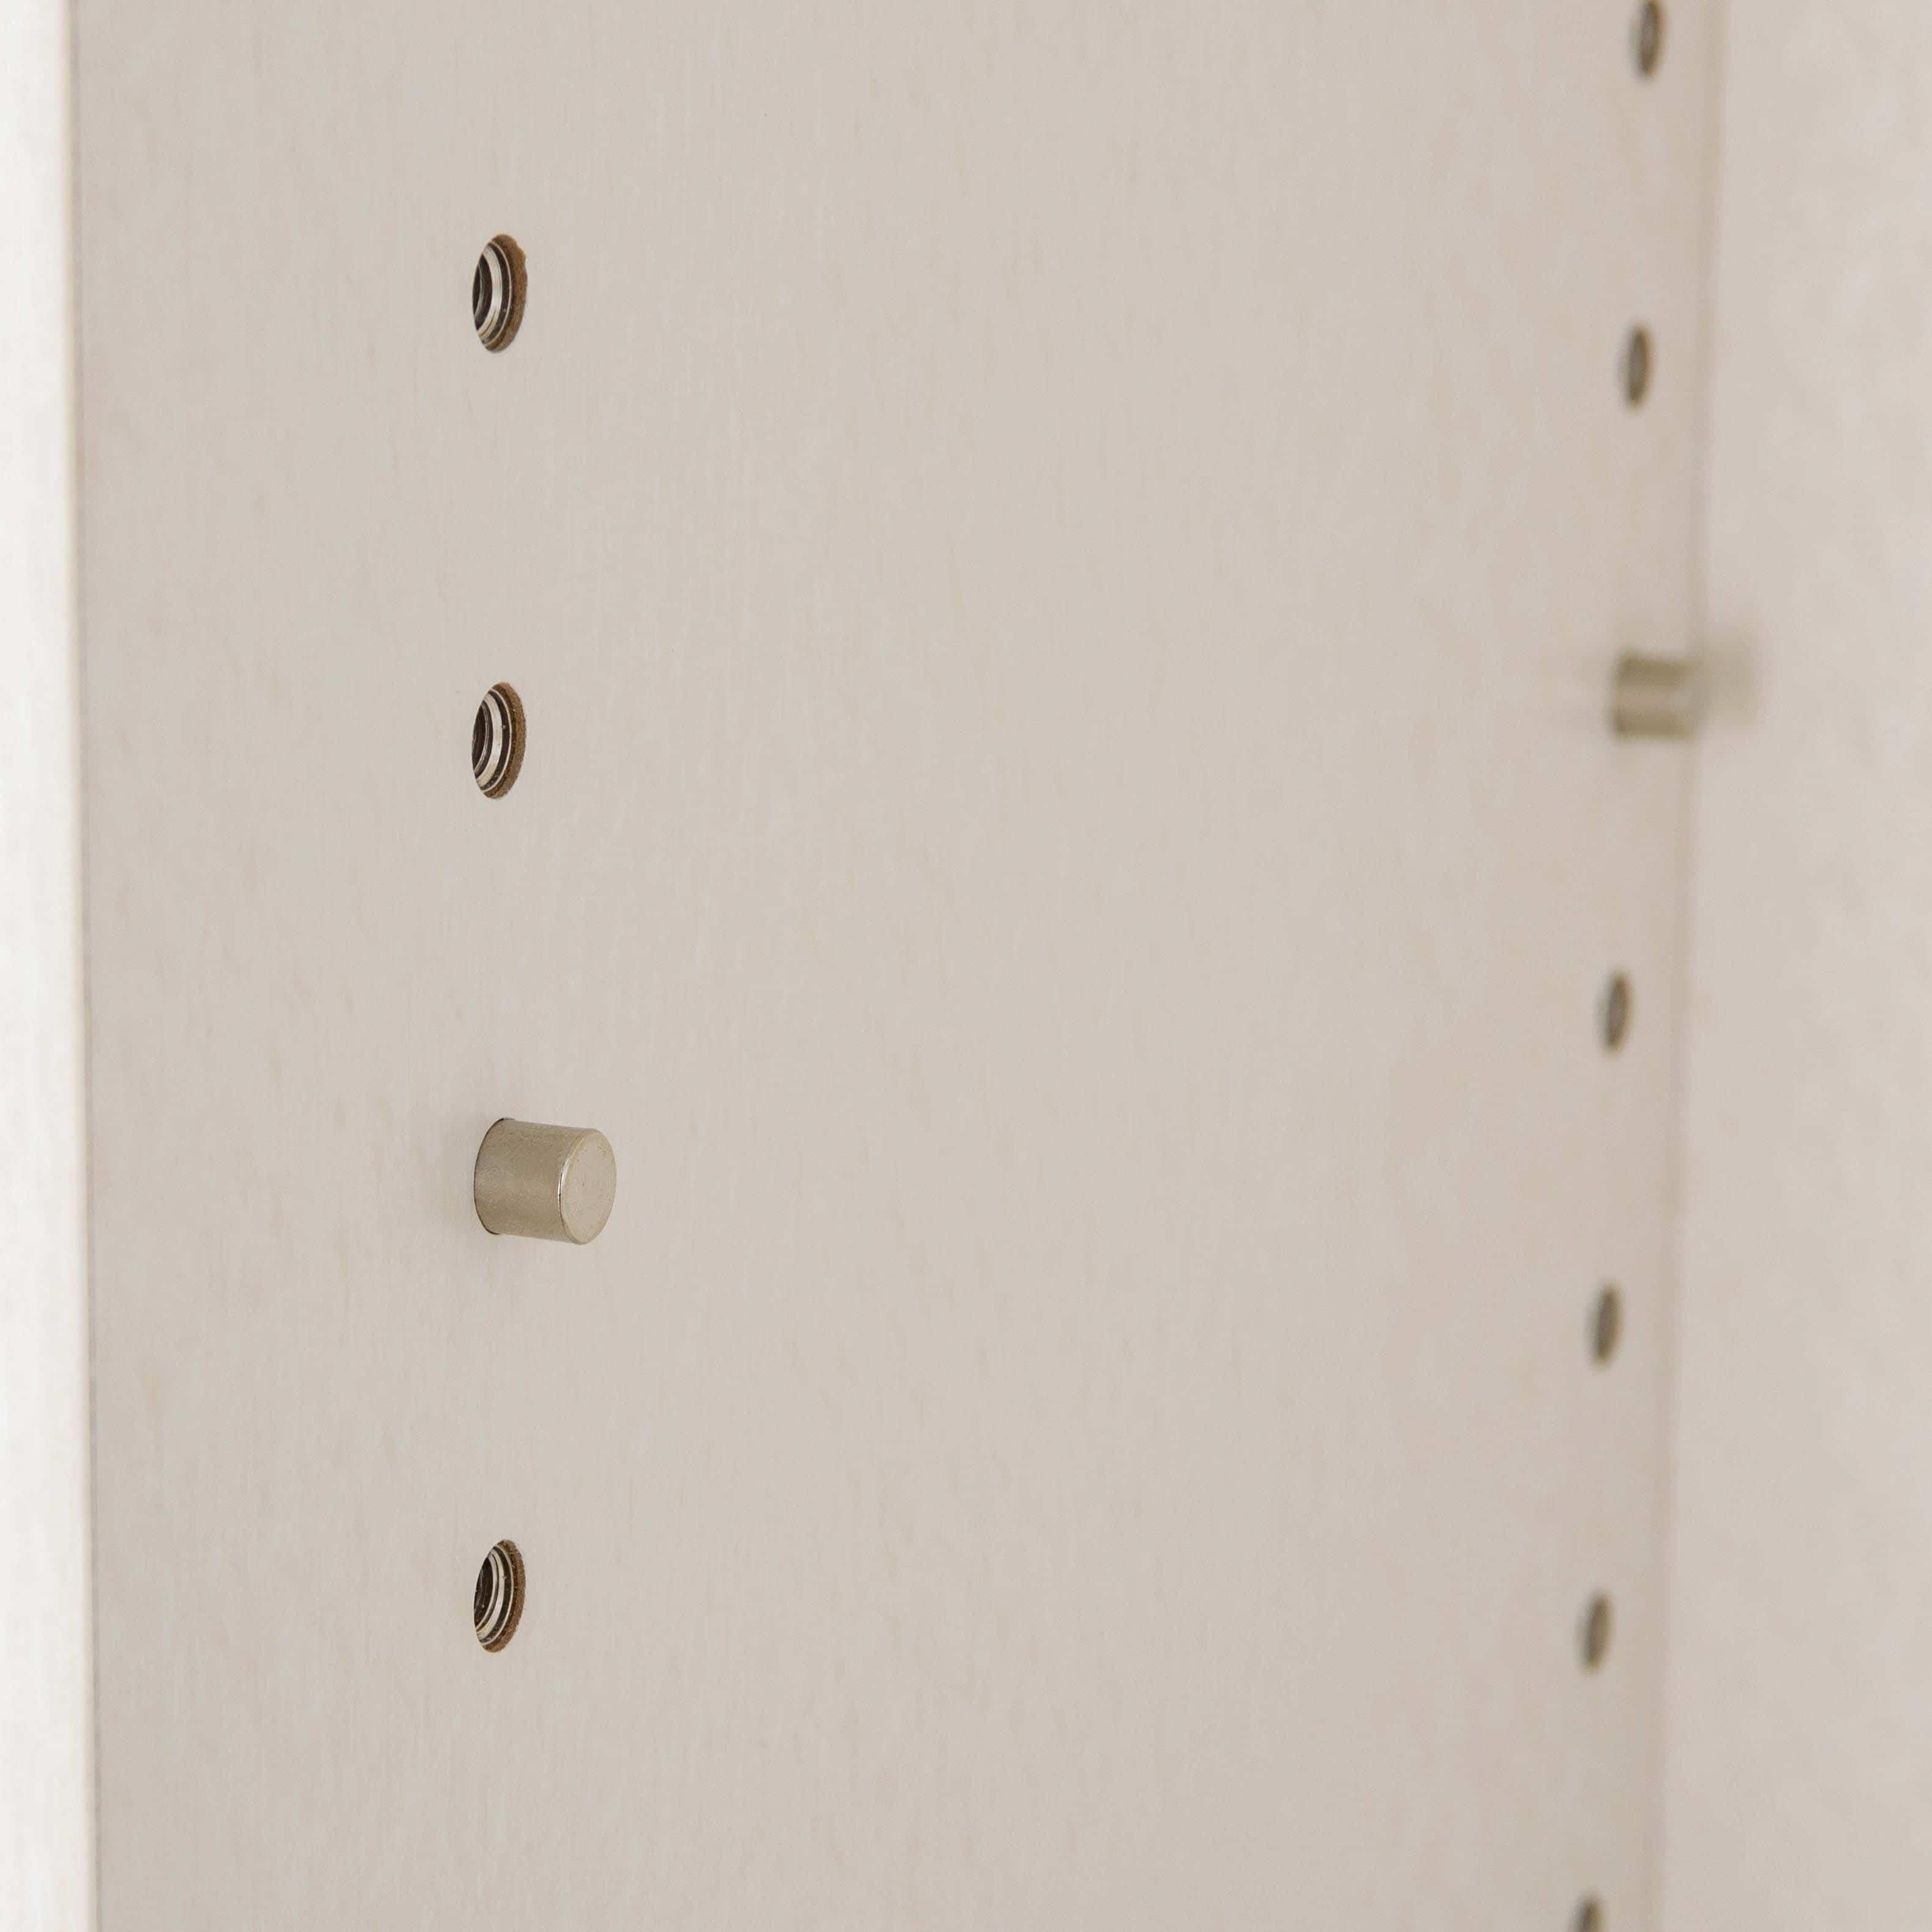 小島工芸 書棚 アコード60H(チェリーナチュラル):キレイに収まる魅せる収納